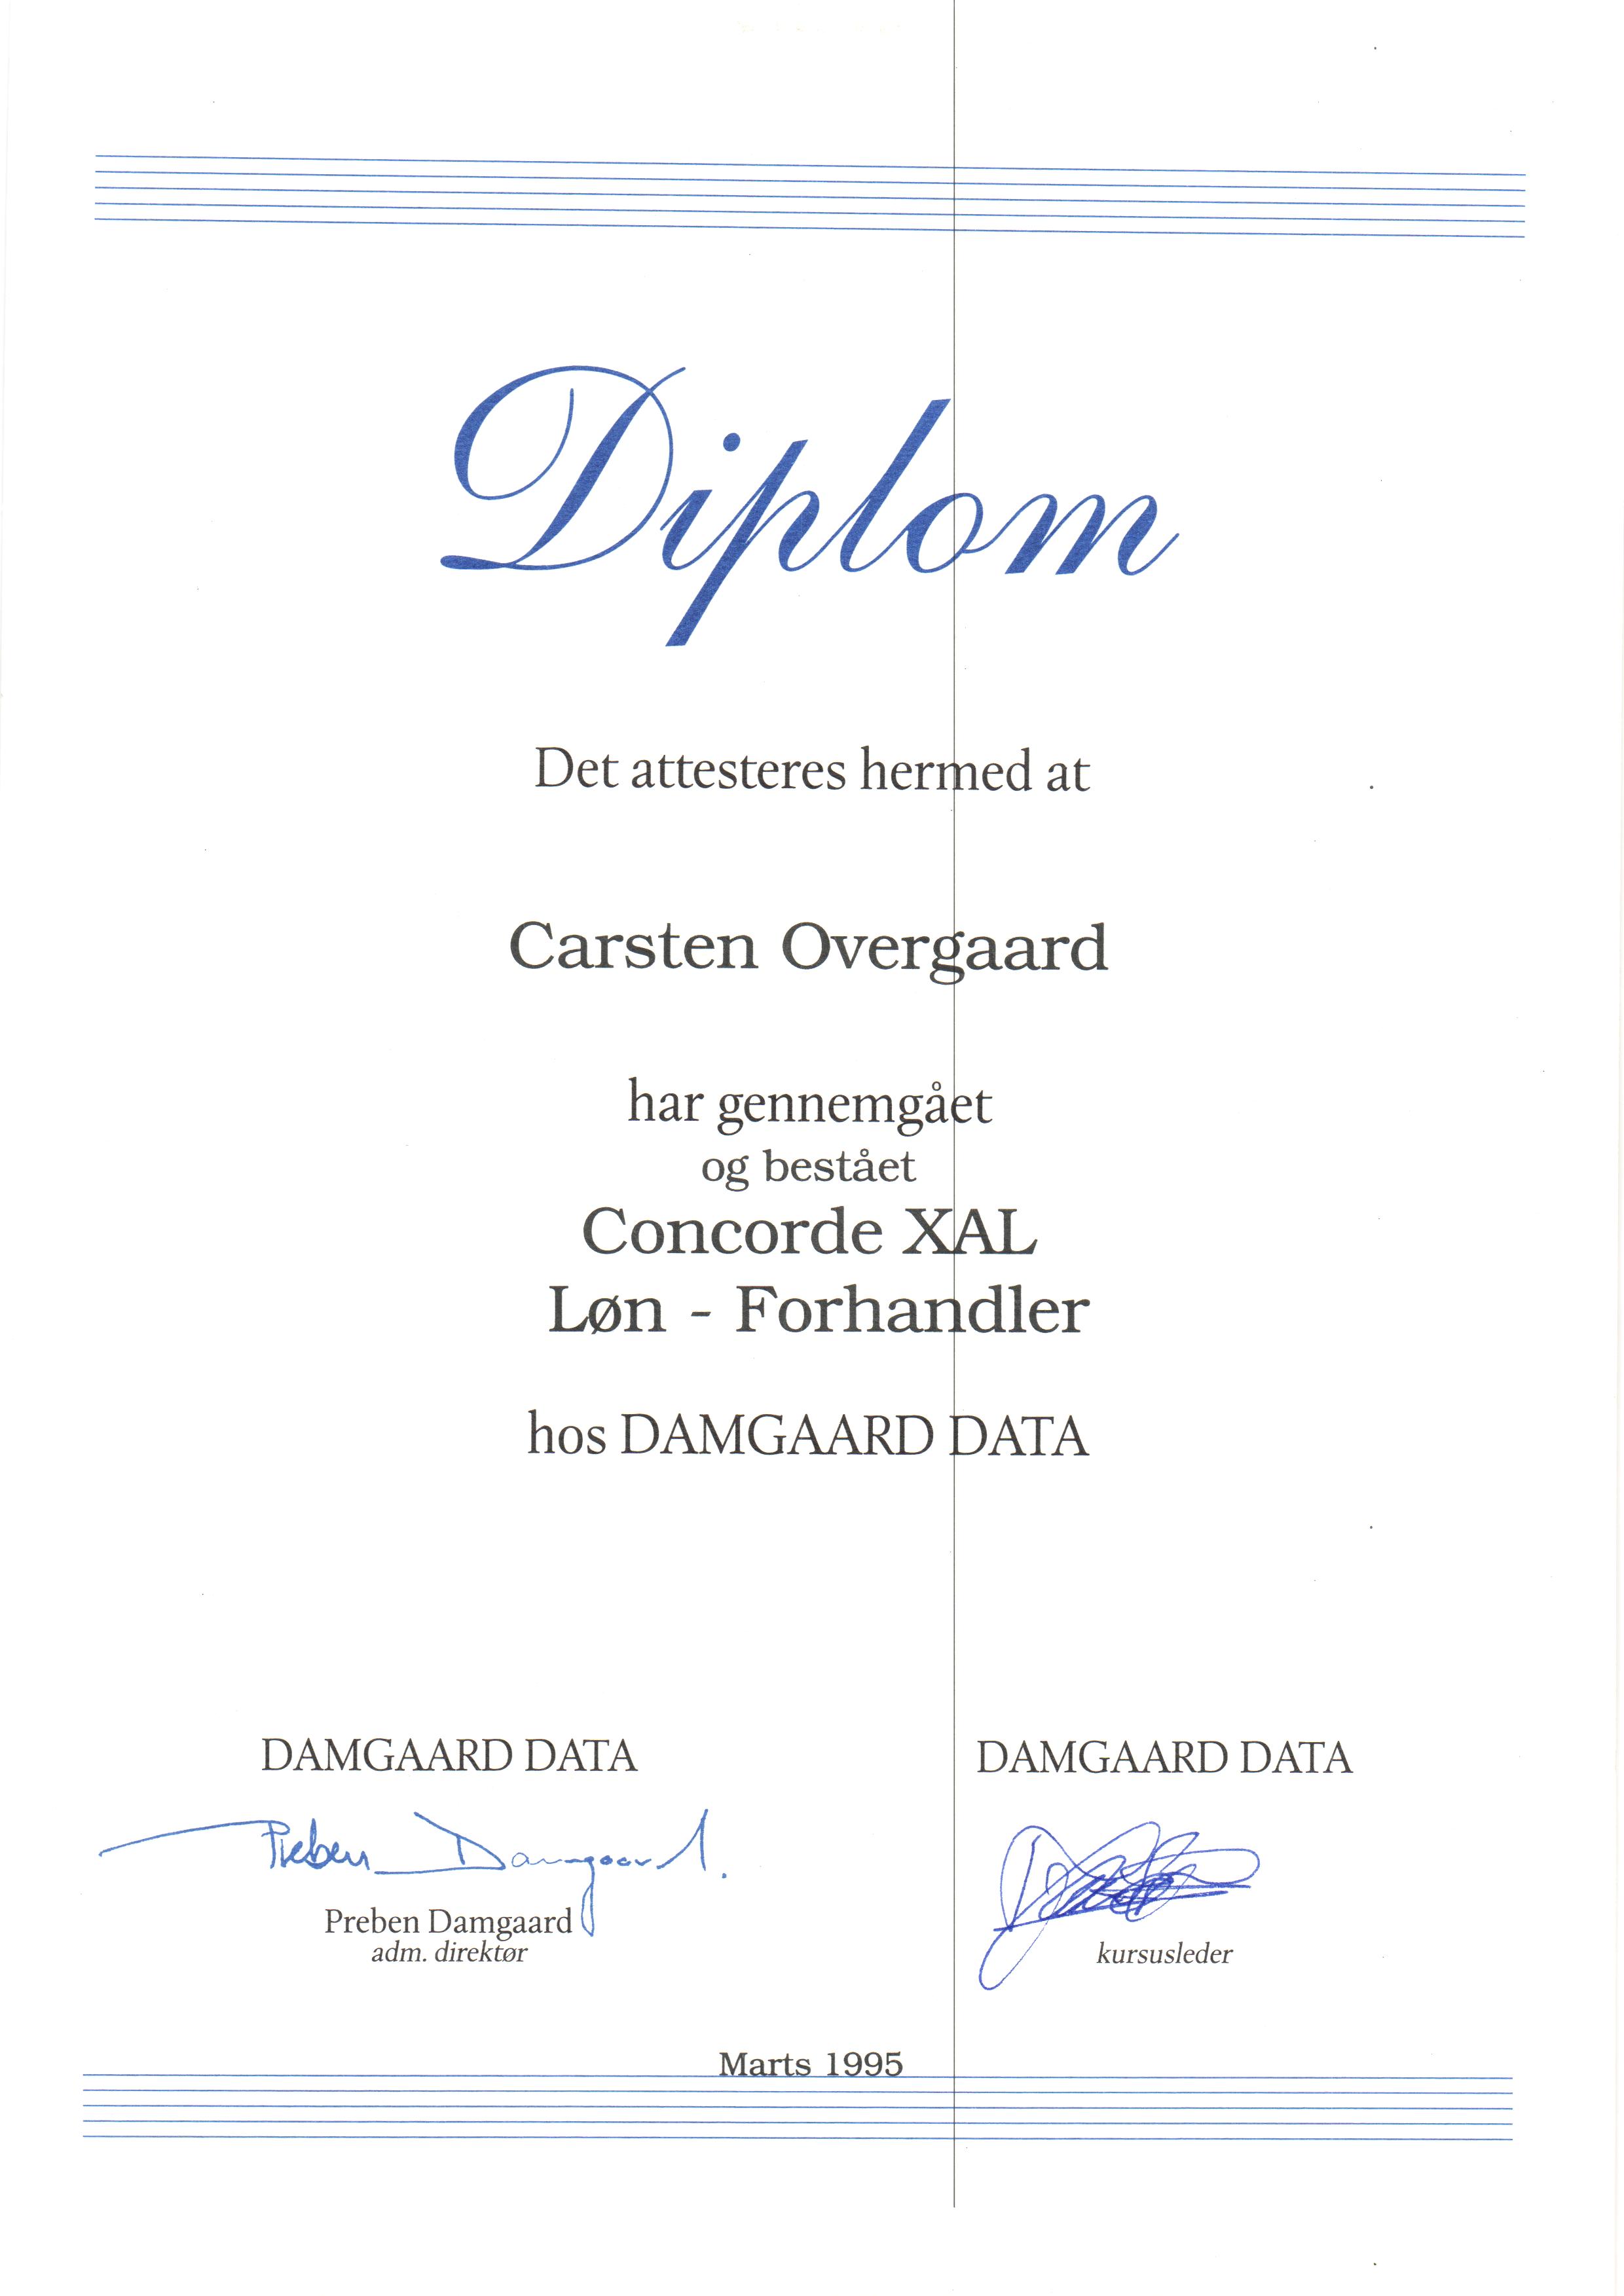 Certifikat: Concorde XAL Løn-Forhandler